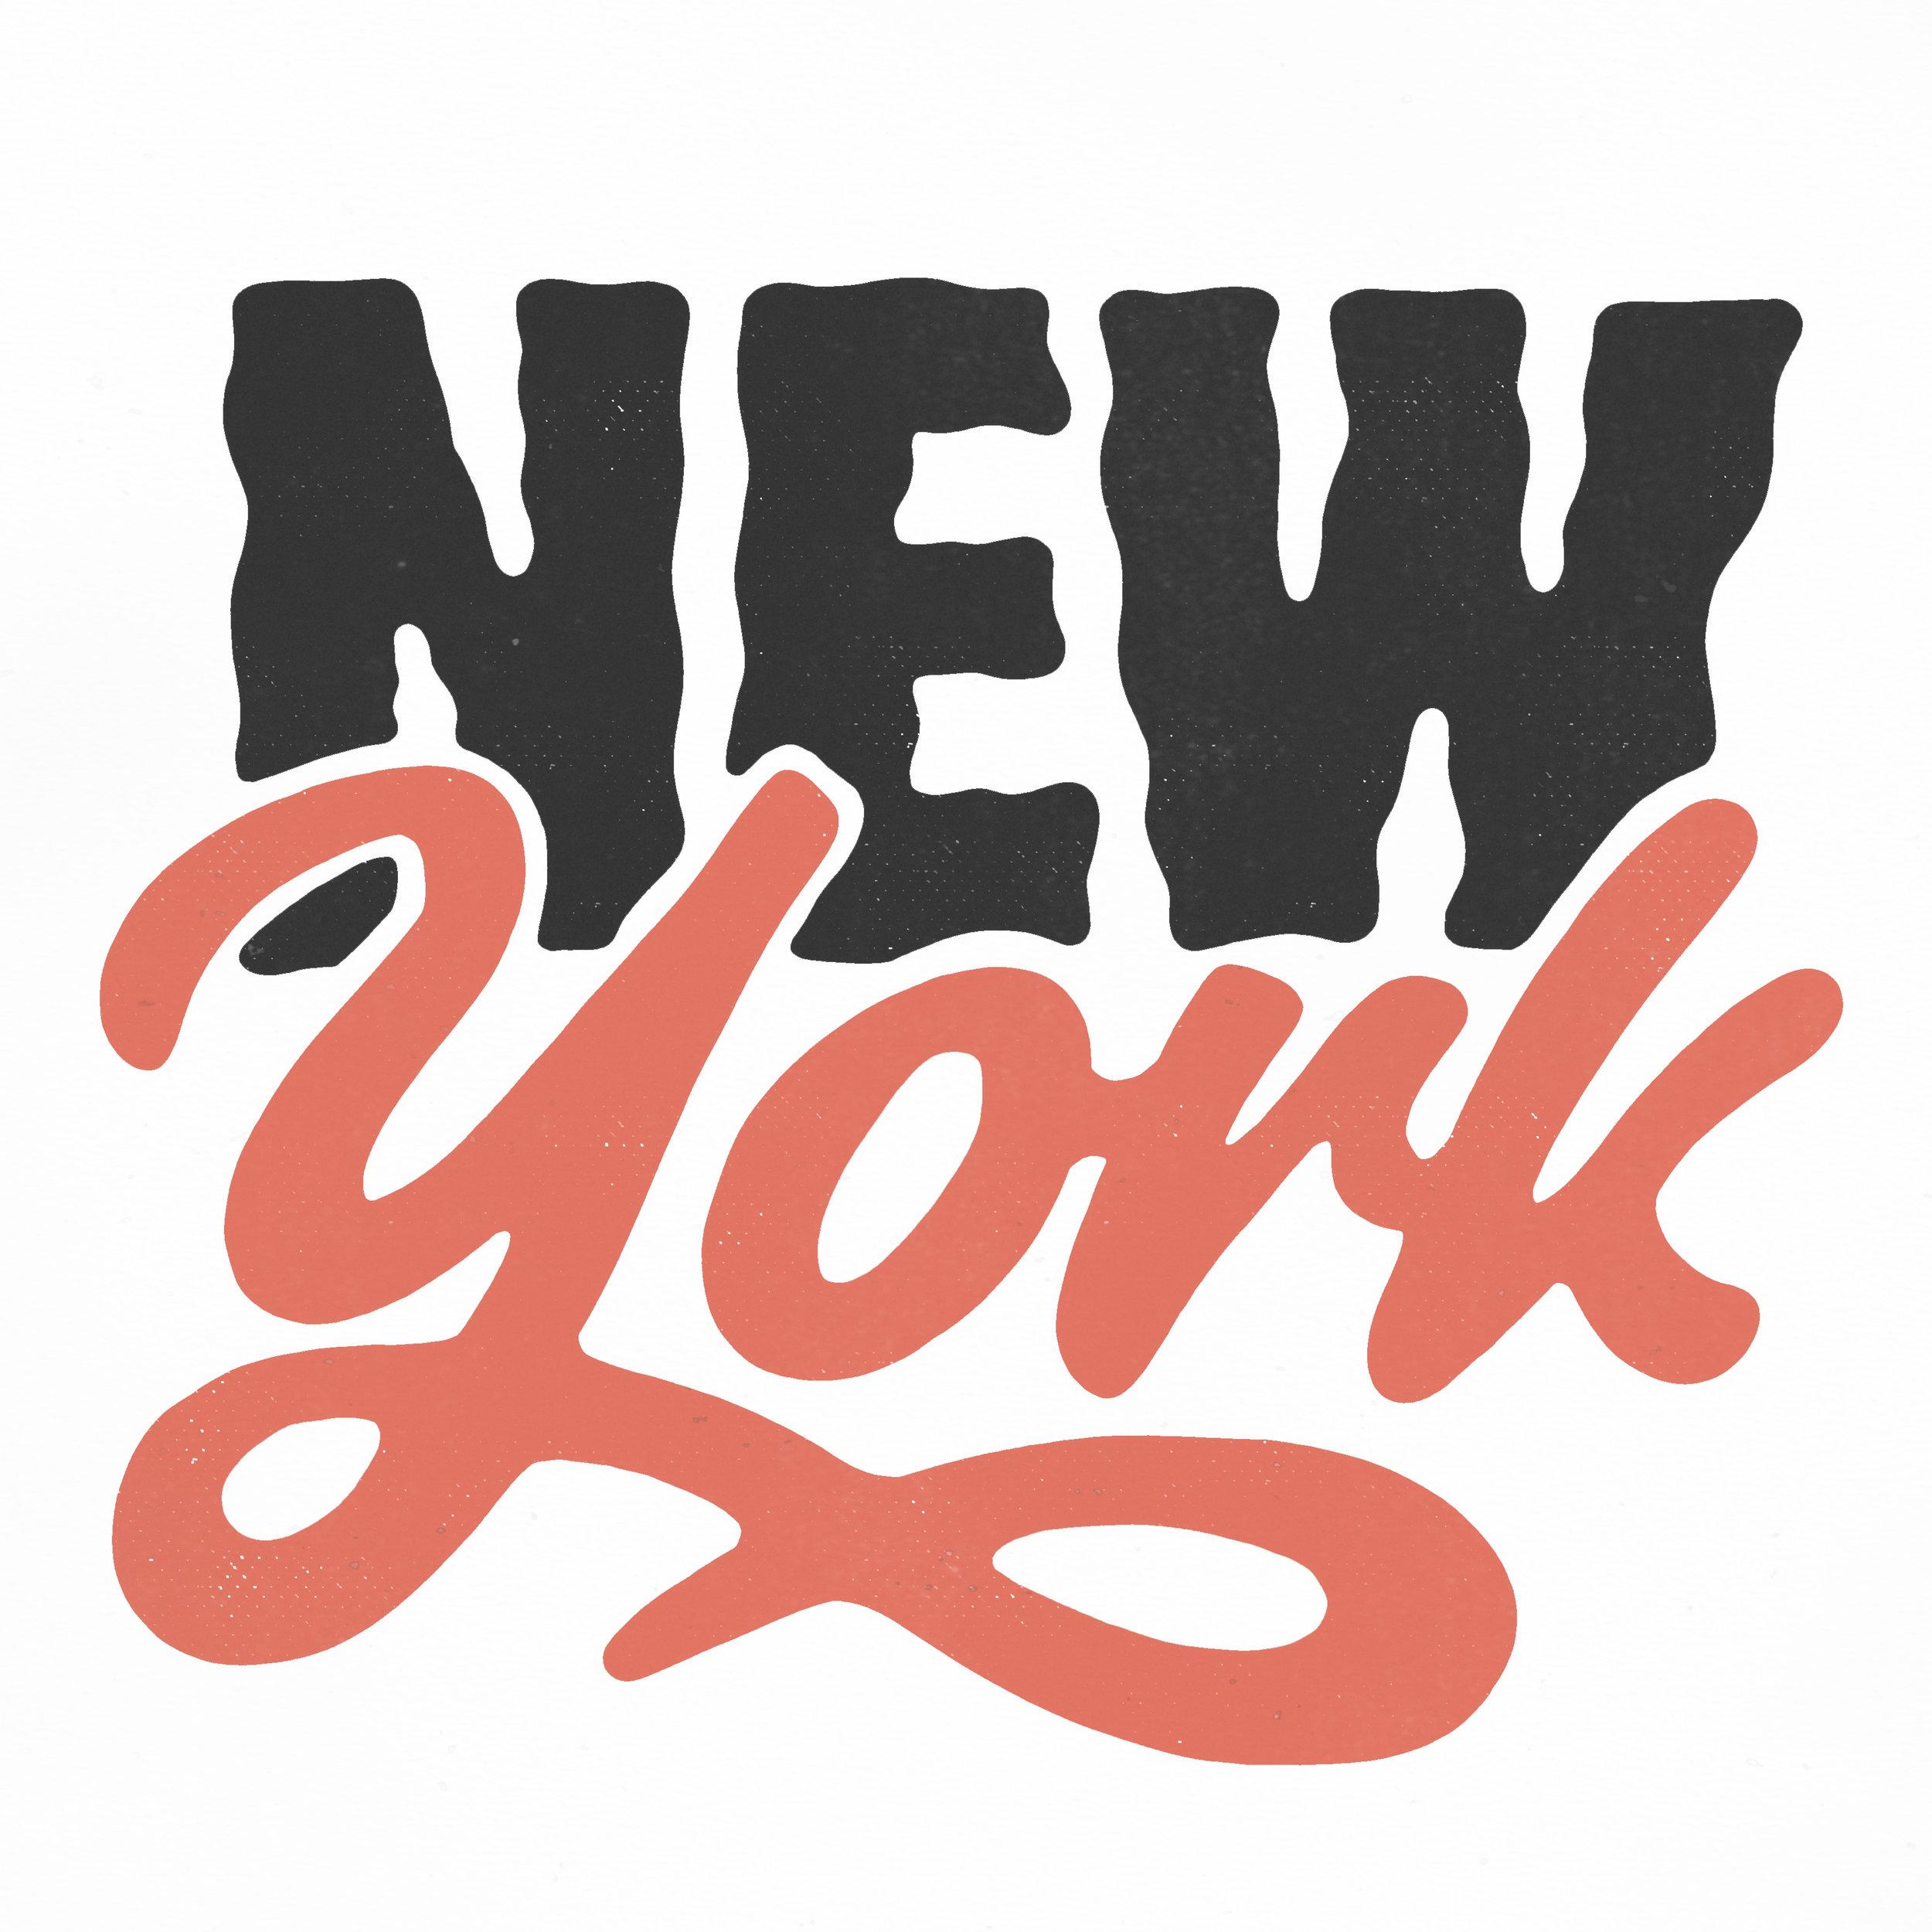 SINDY SINN - NEW YORK LETTERING [ON WHITE].jpg